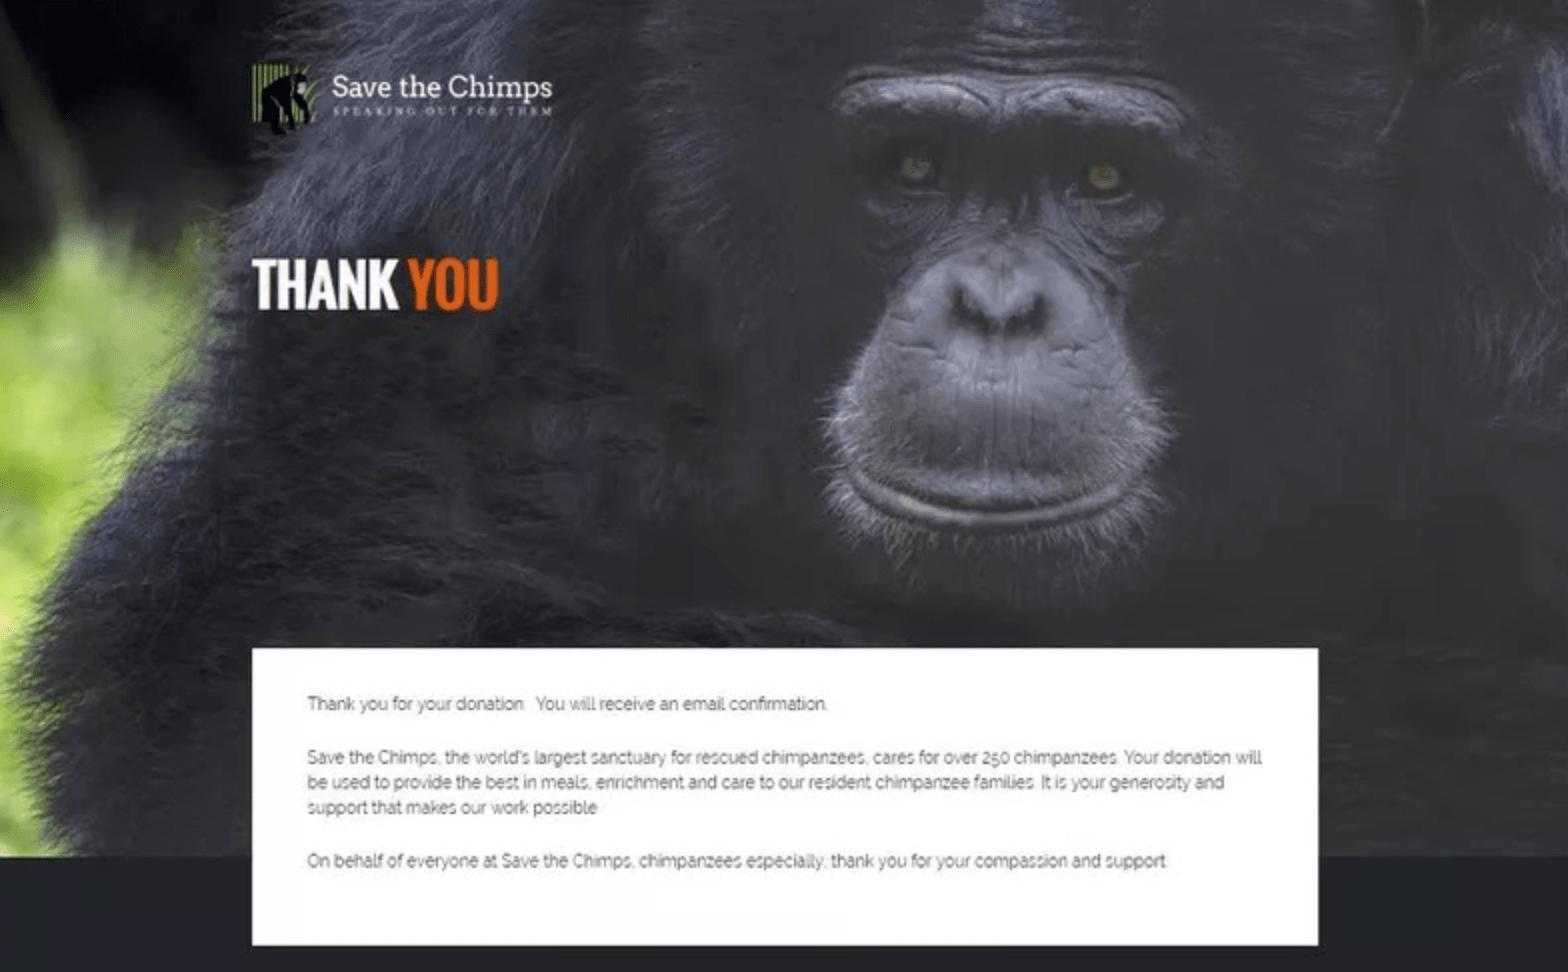 guarda la página de agradecimiento del chimpancé